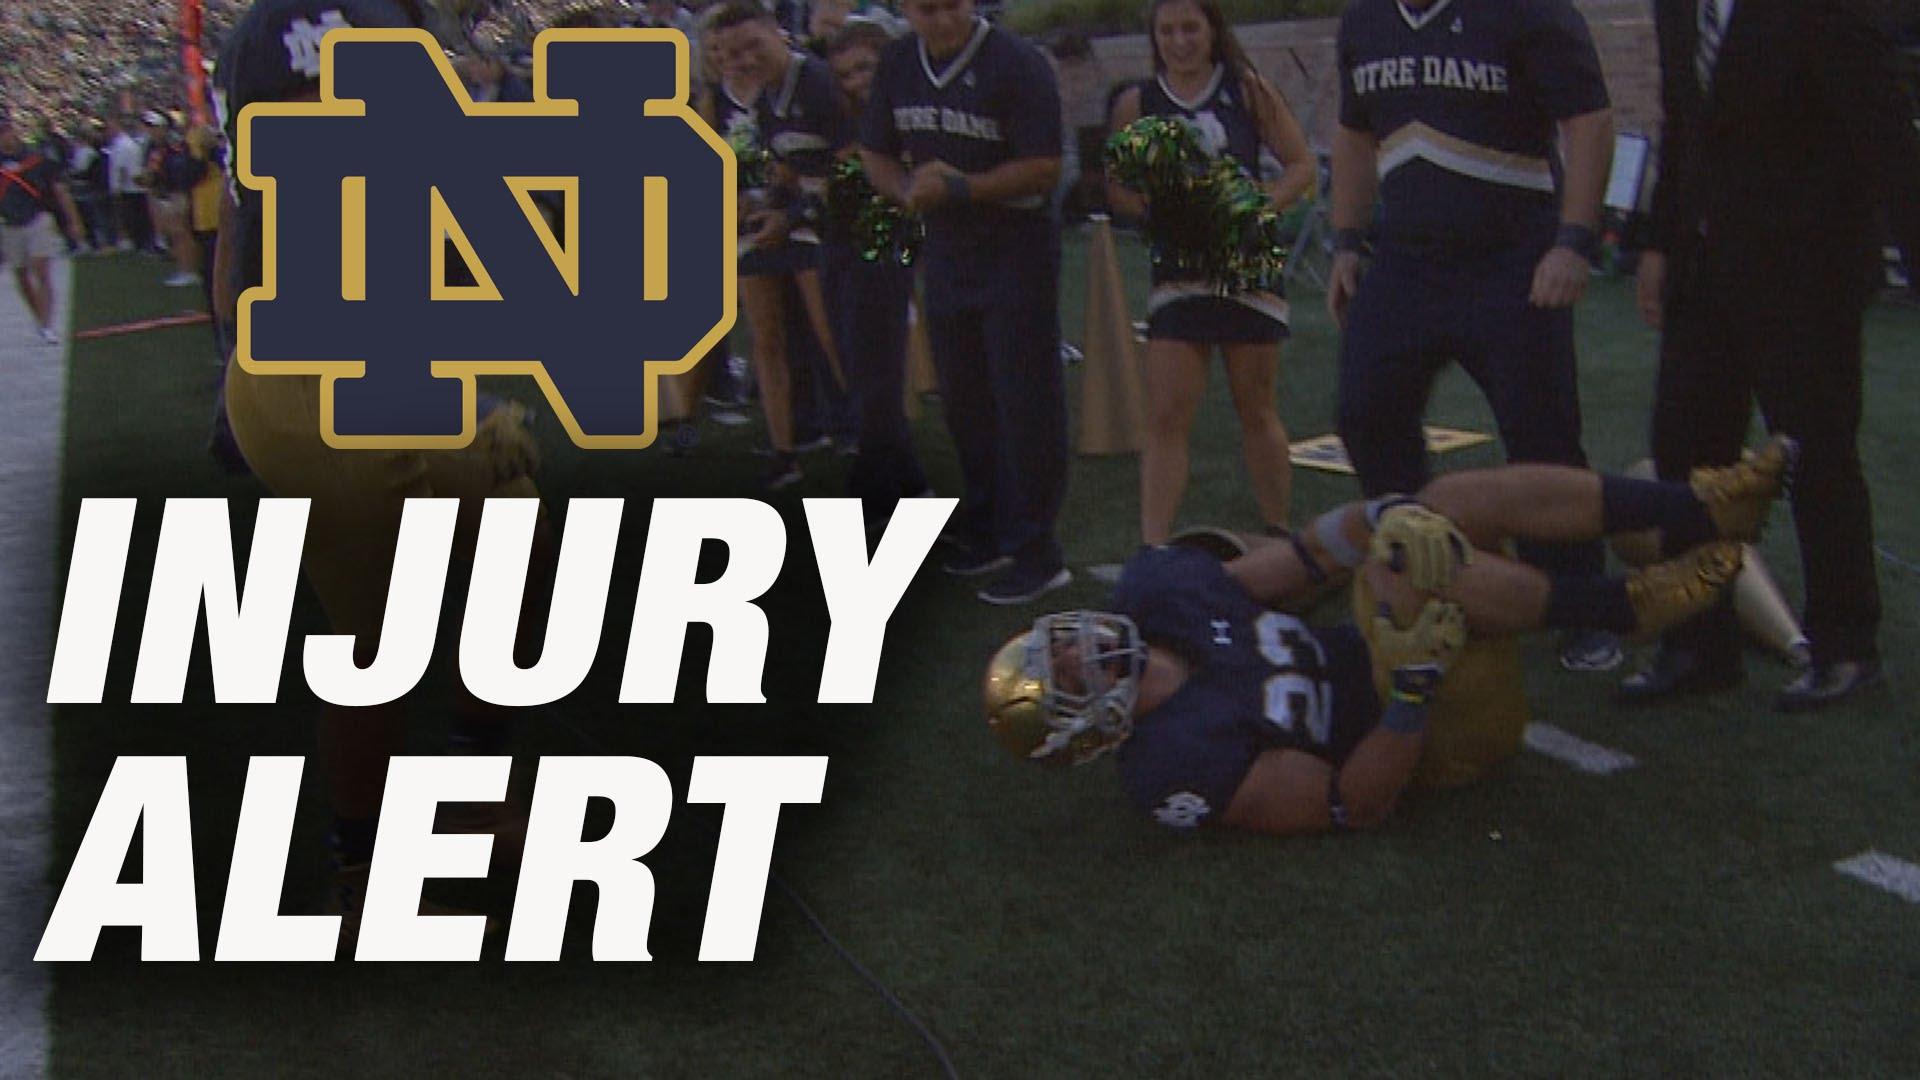 Notre Dame safety Drue Tranquill injures himself celebrating